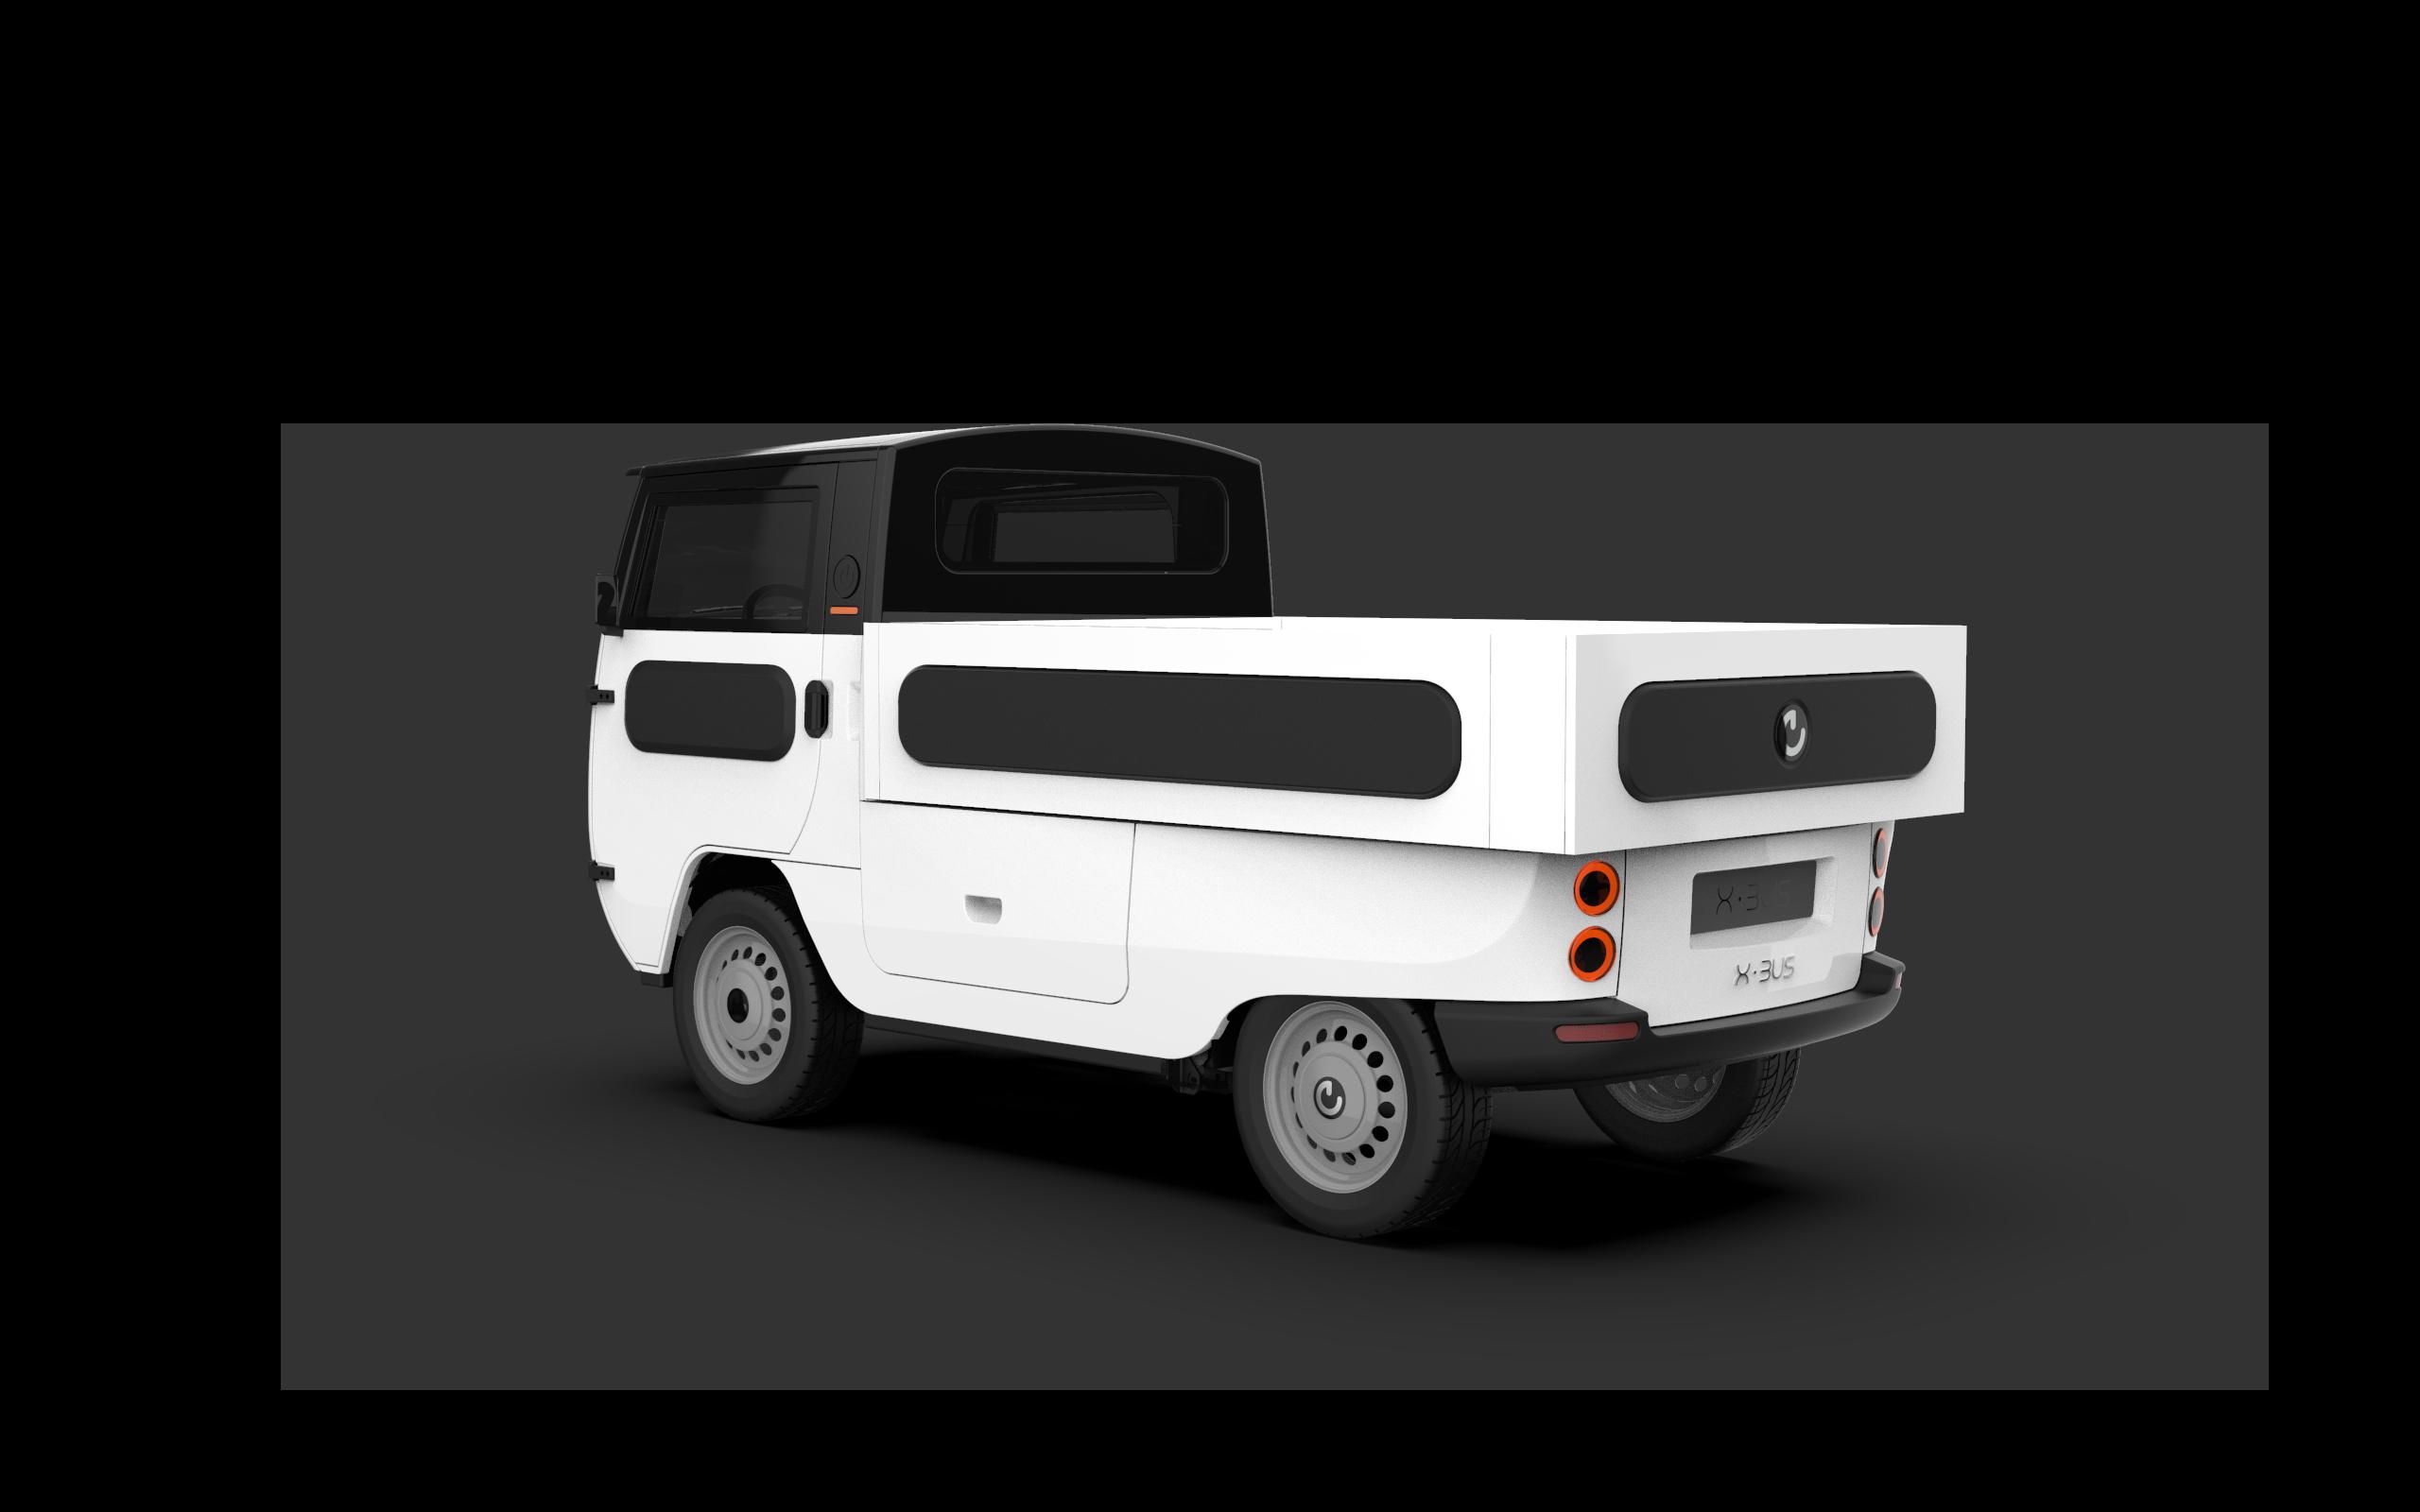 XBUS_Standard_Kipper_rear